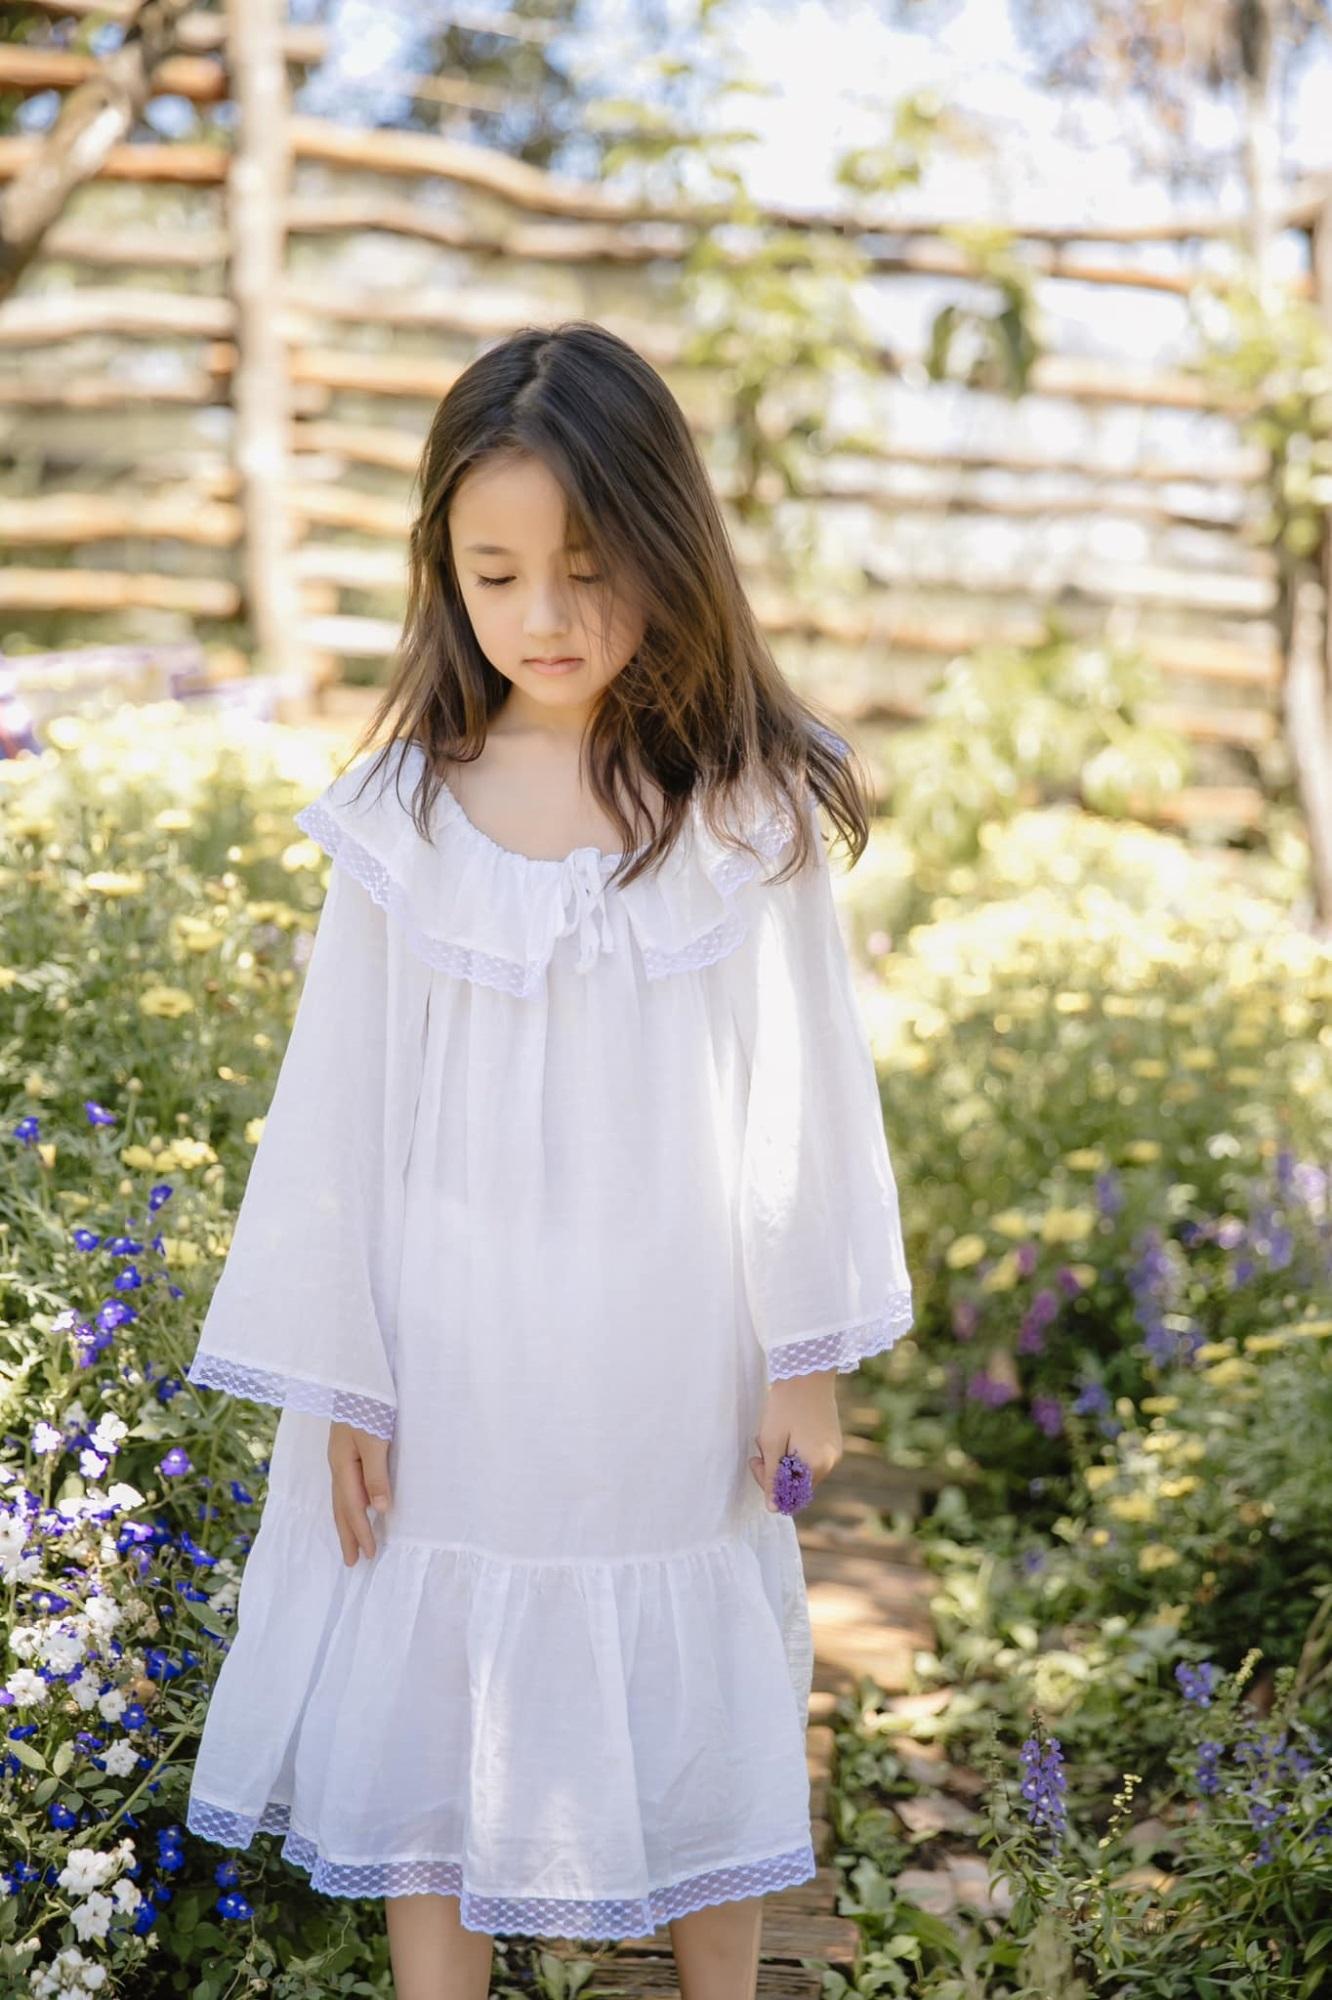 """Không hổ danh con gái Hoa hậu, công chúa nhỏ của Hà Kiều Anh sở hữu """"gen đẹp"""" của mẹ, càng lớn càng lộ khí chất đại mỹ nhân - Ảnh 3"""